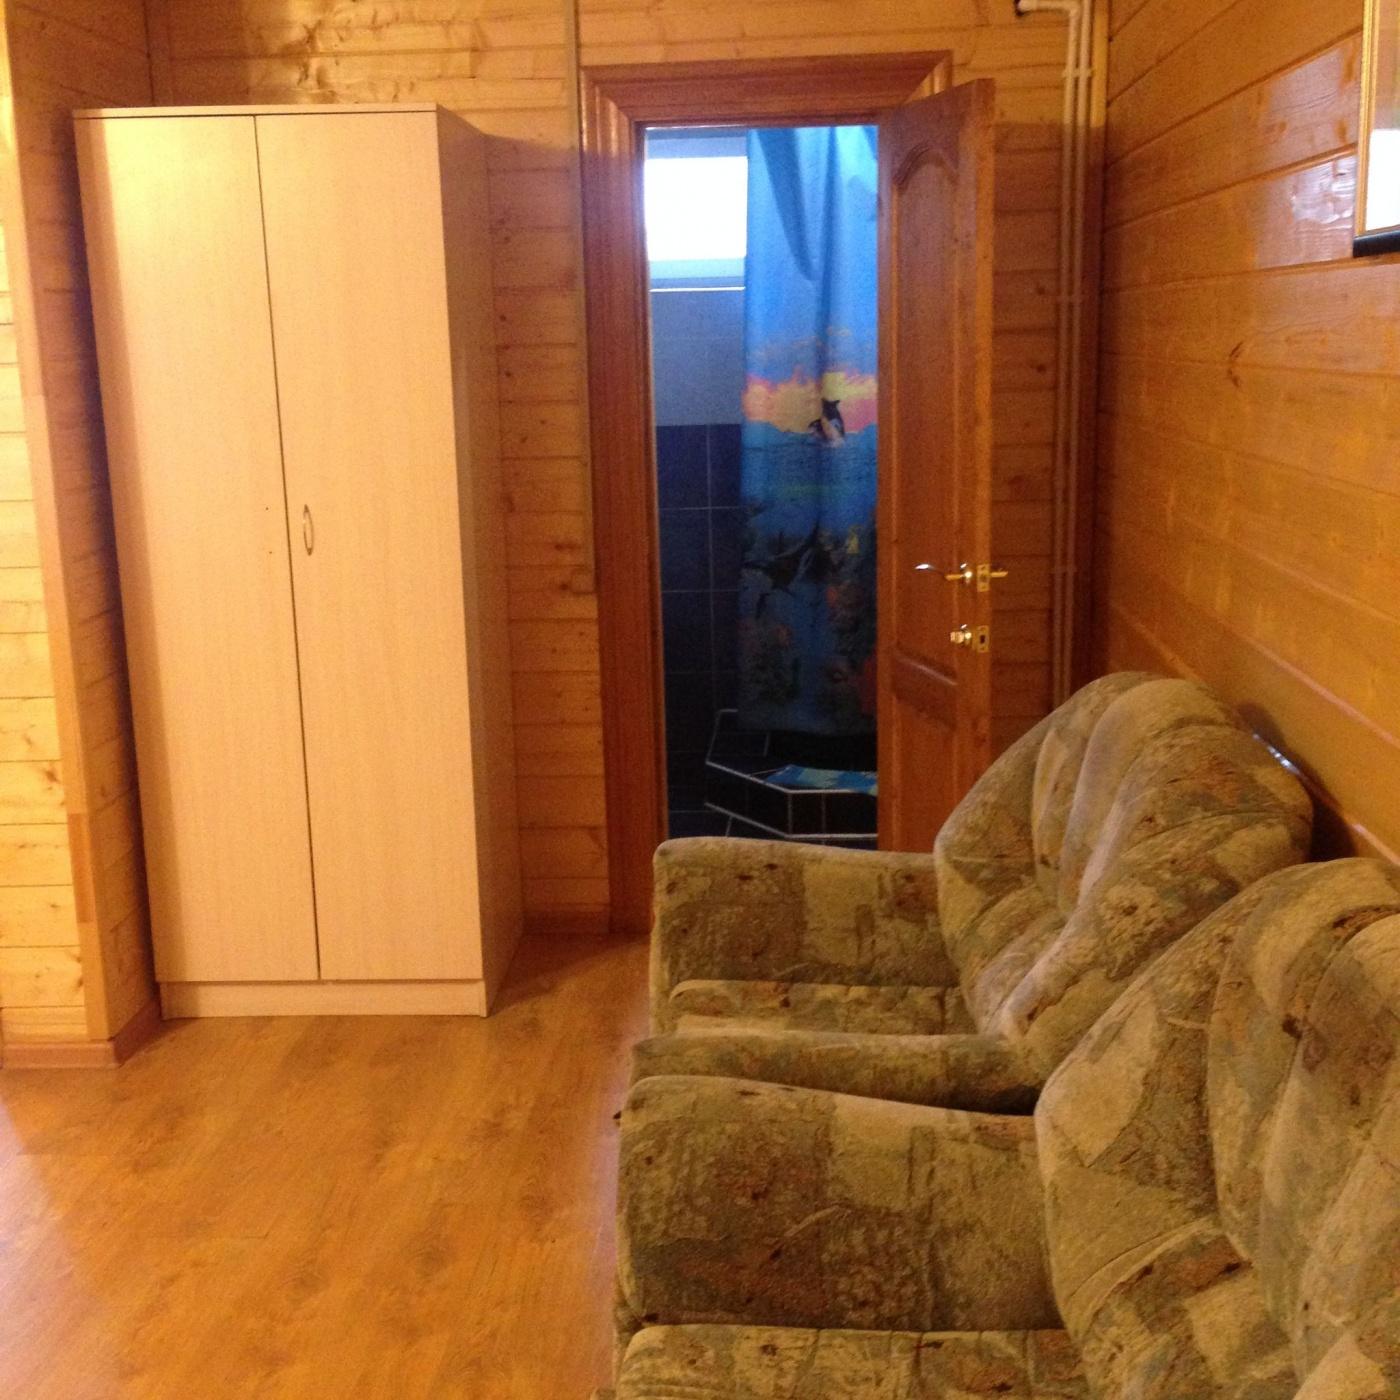 База отдыха «Полушкино» Рязанская область 5-местный номер в коттеджном комплексе «Приозерный» (1 спальня), фото 3